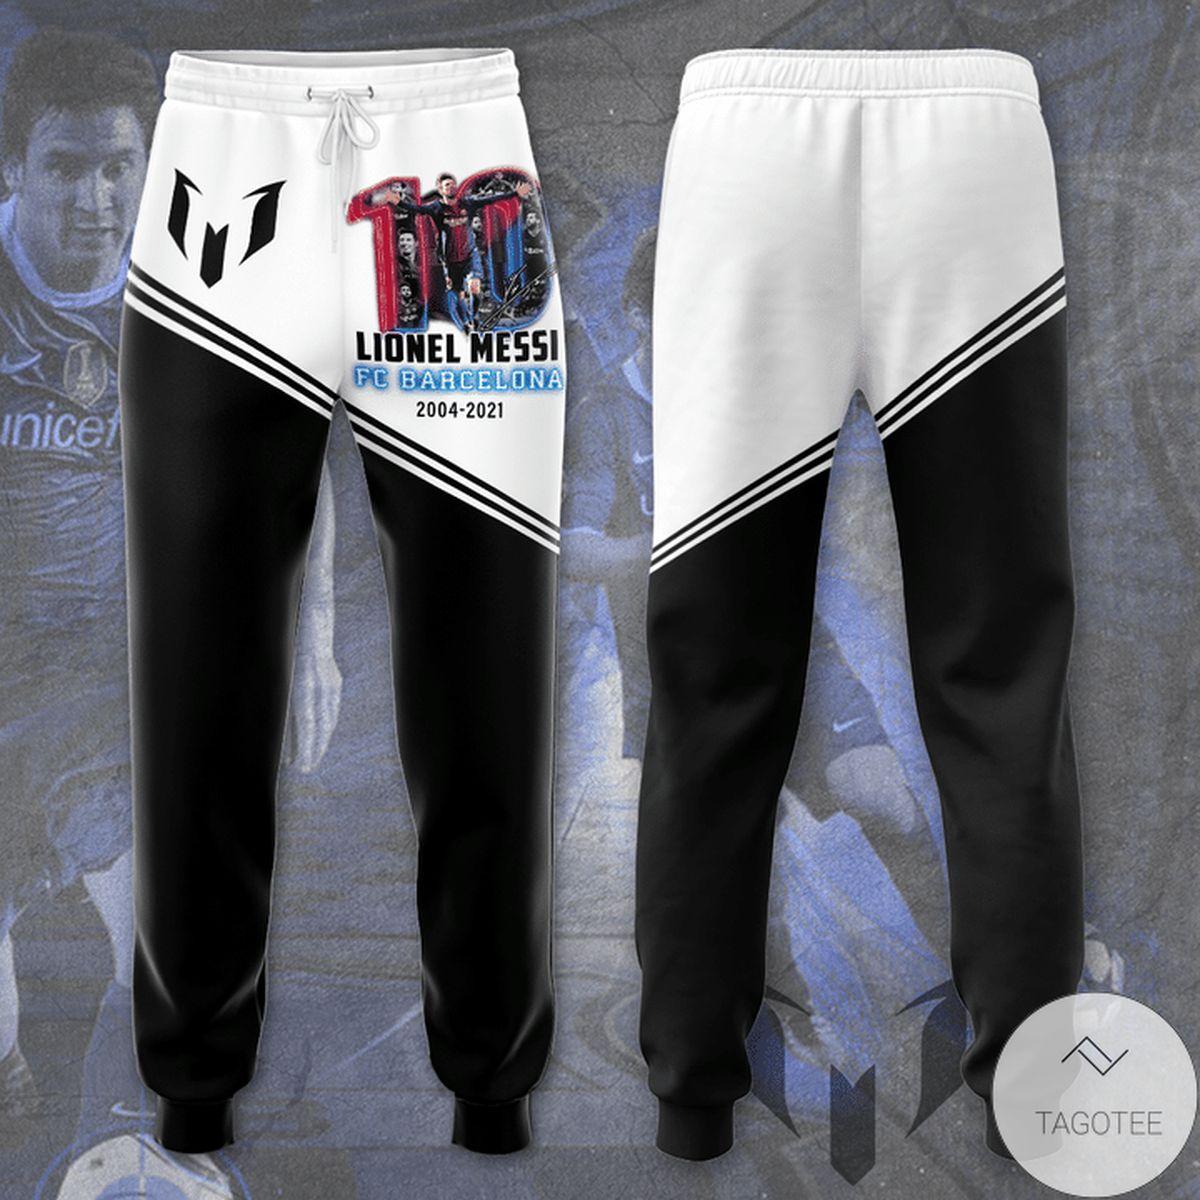 Lionel Messi Unisex Long Pants